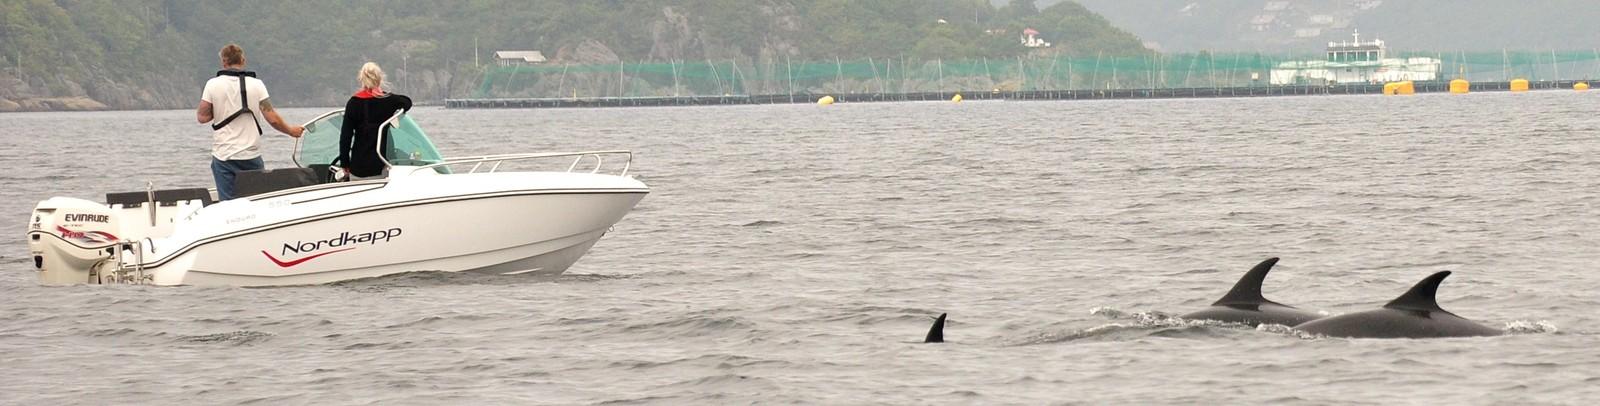 Delfinene var ikke redde for å nærme seg båtene som fulgte etter.